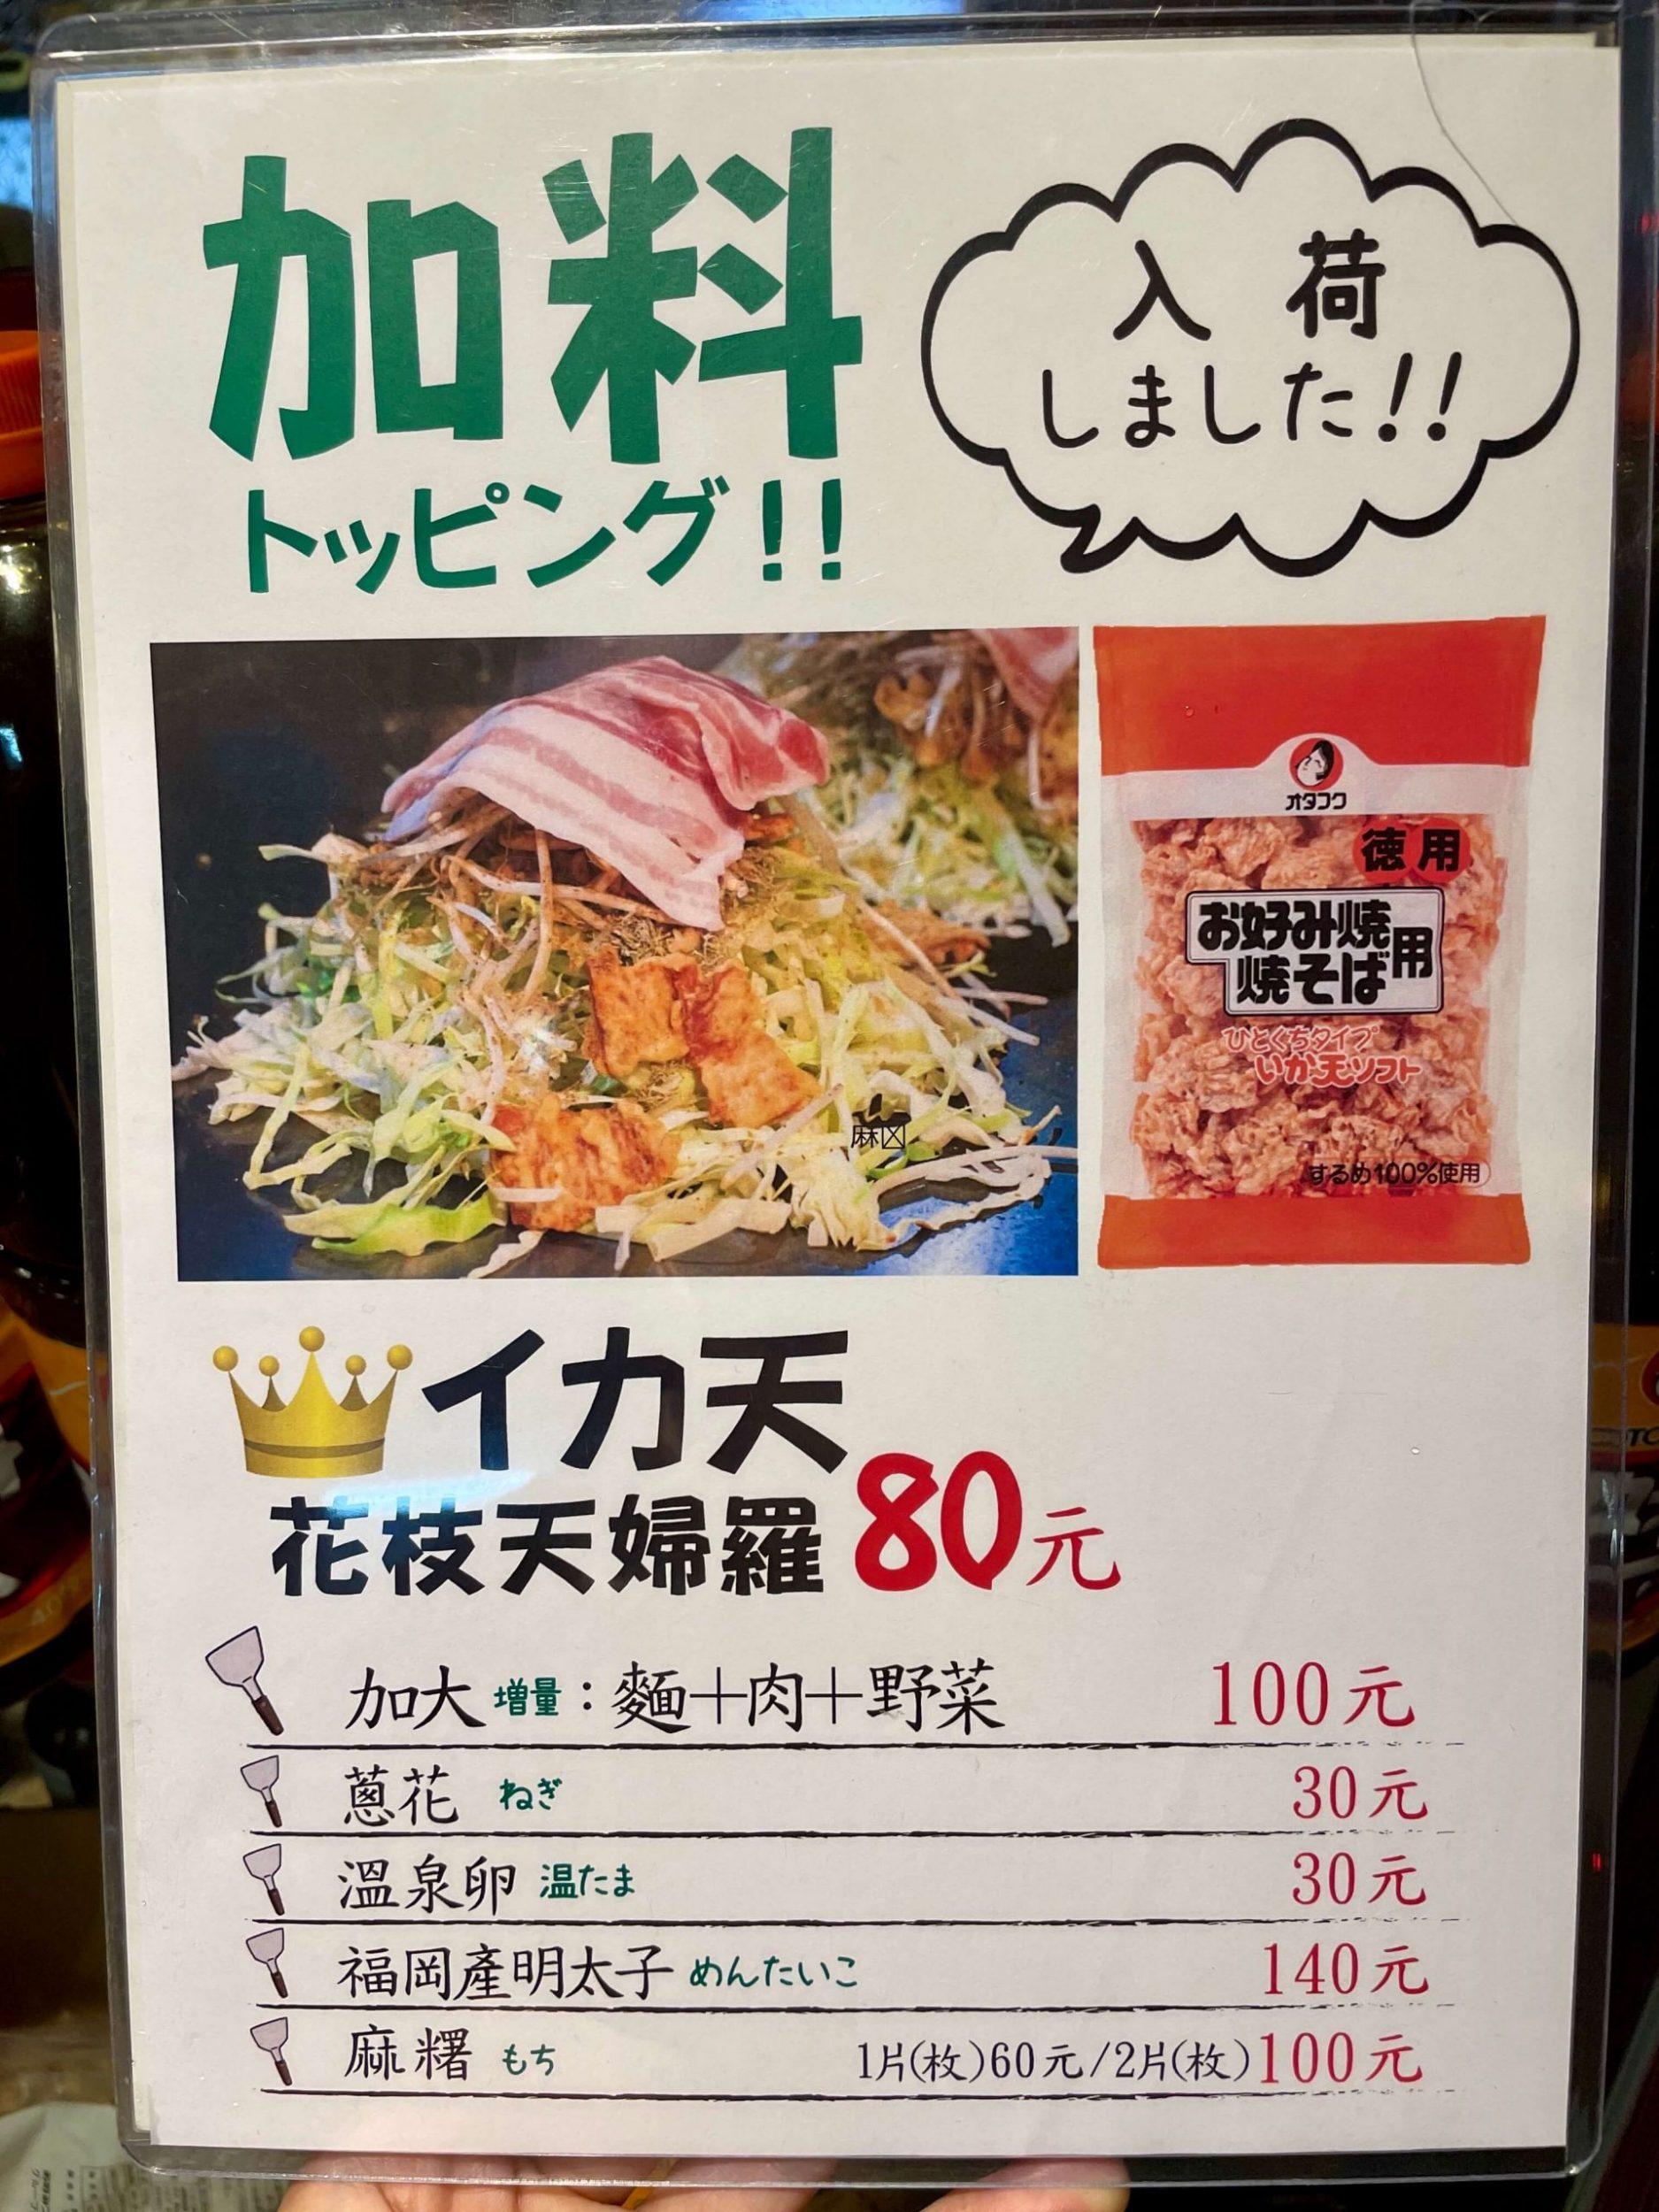 Akatetsu menu